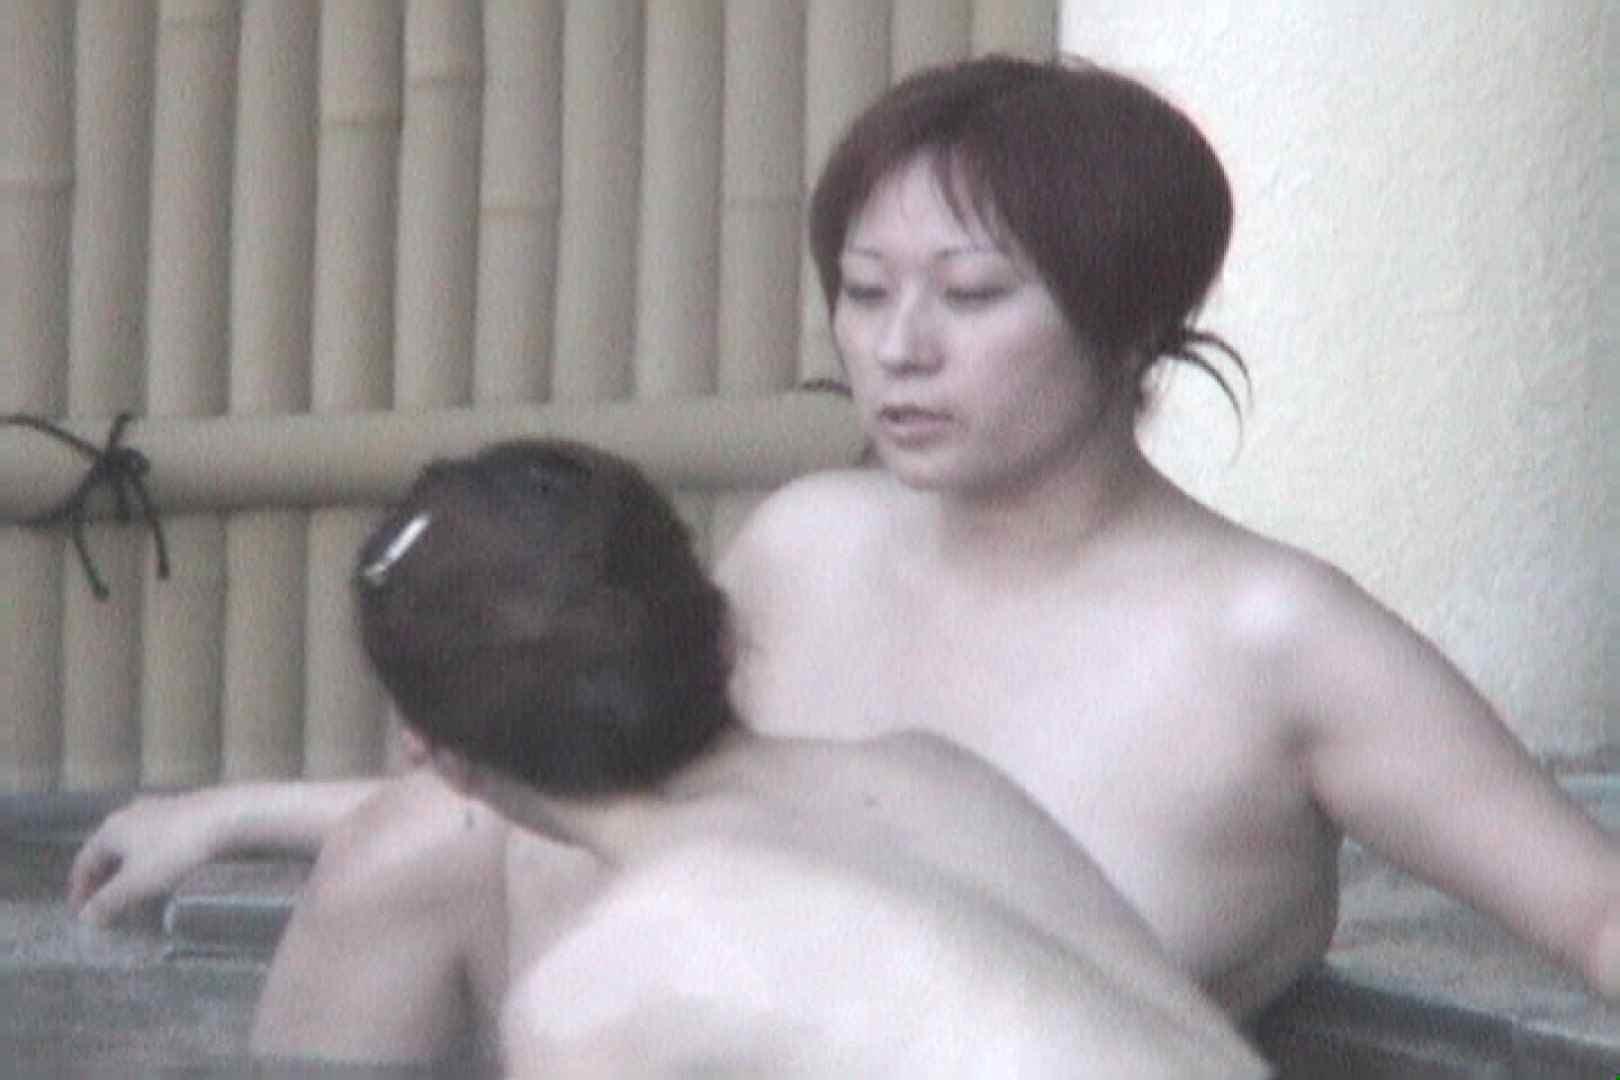 Aquaな露天風呂Vol.561 OLセックス のぞき動画画像 75画像 65